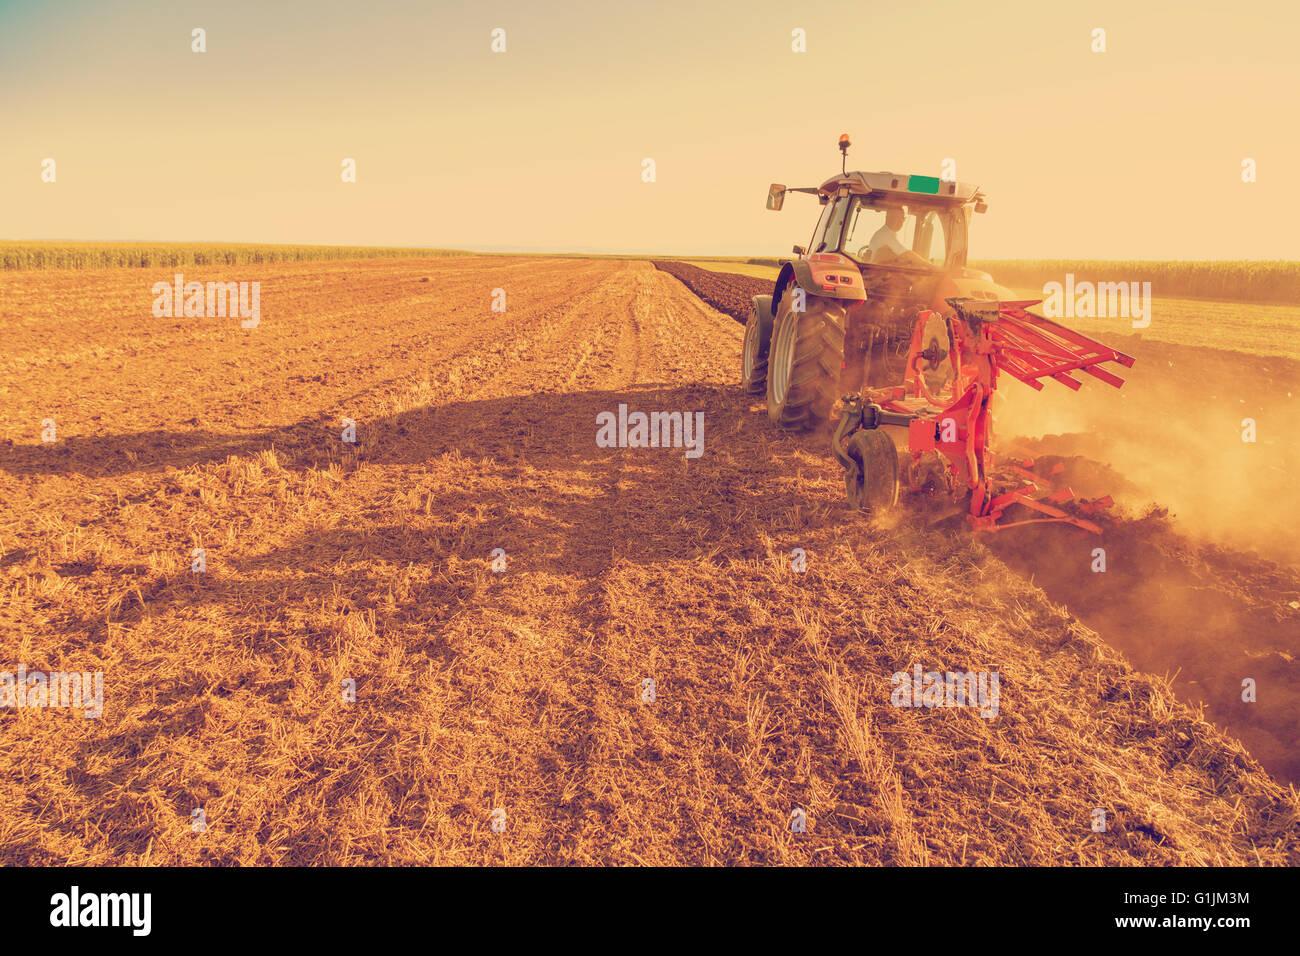 Labourer le champ de l'agriculteur avec tracteur rouge, photo manipulé pour atteindre ancienne croix xpro Photo Stock